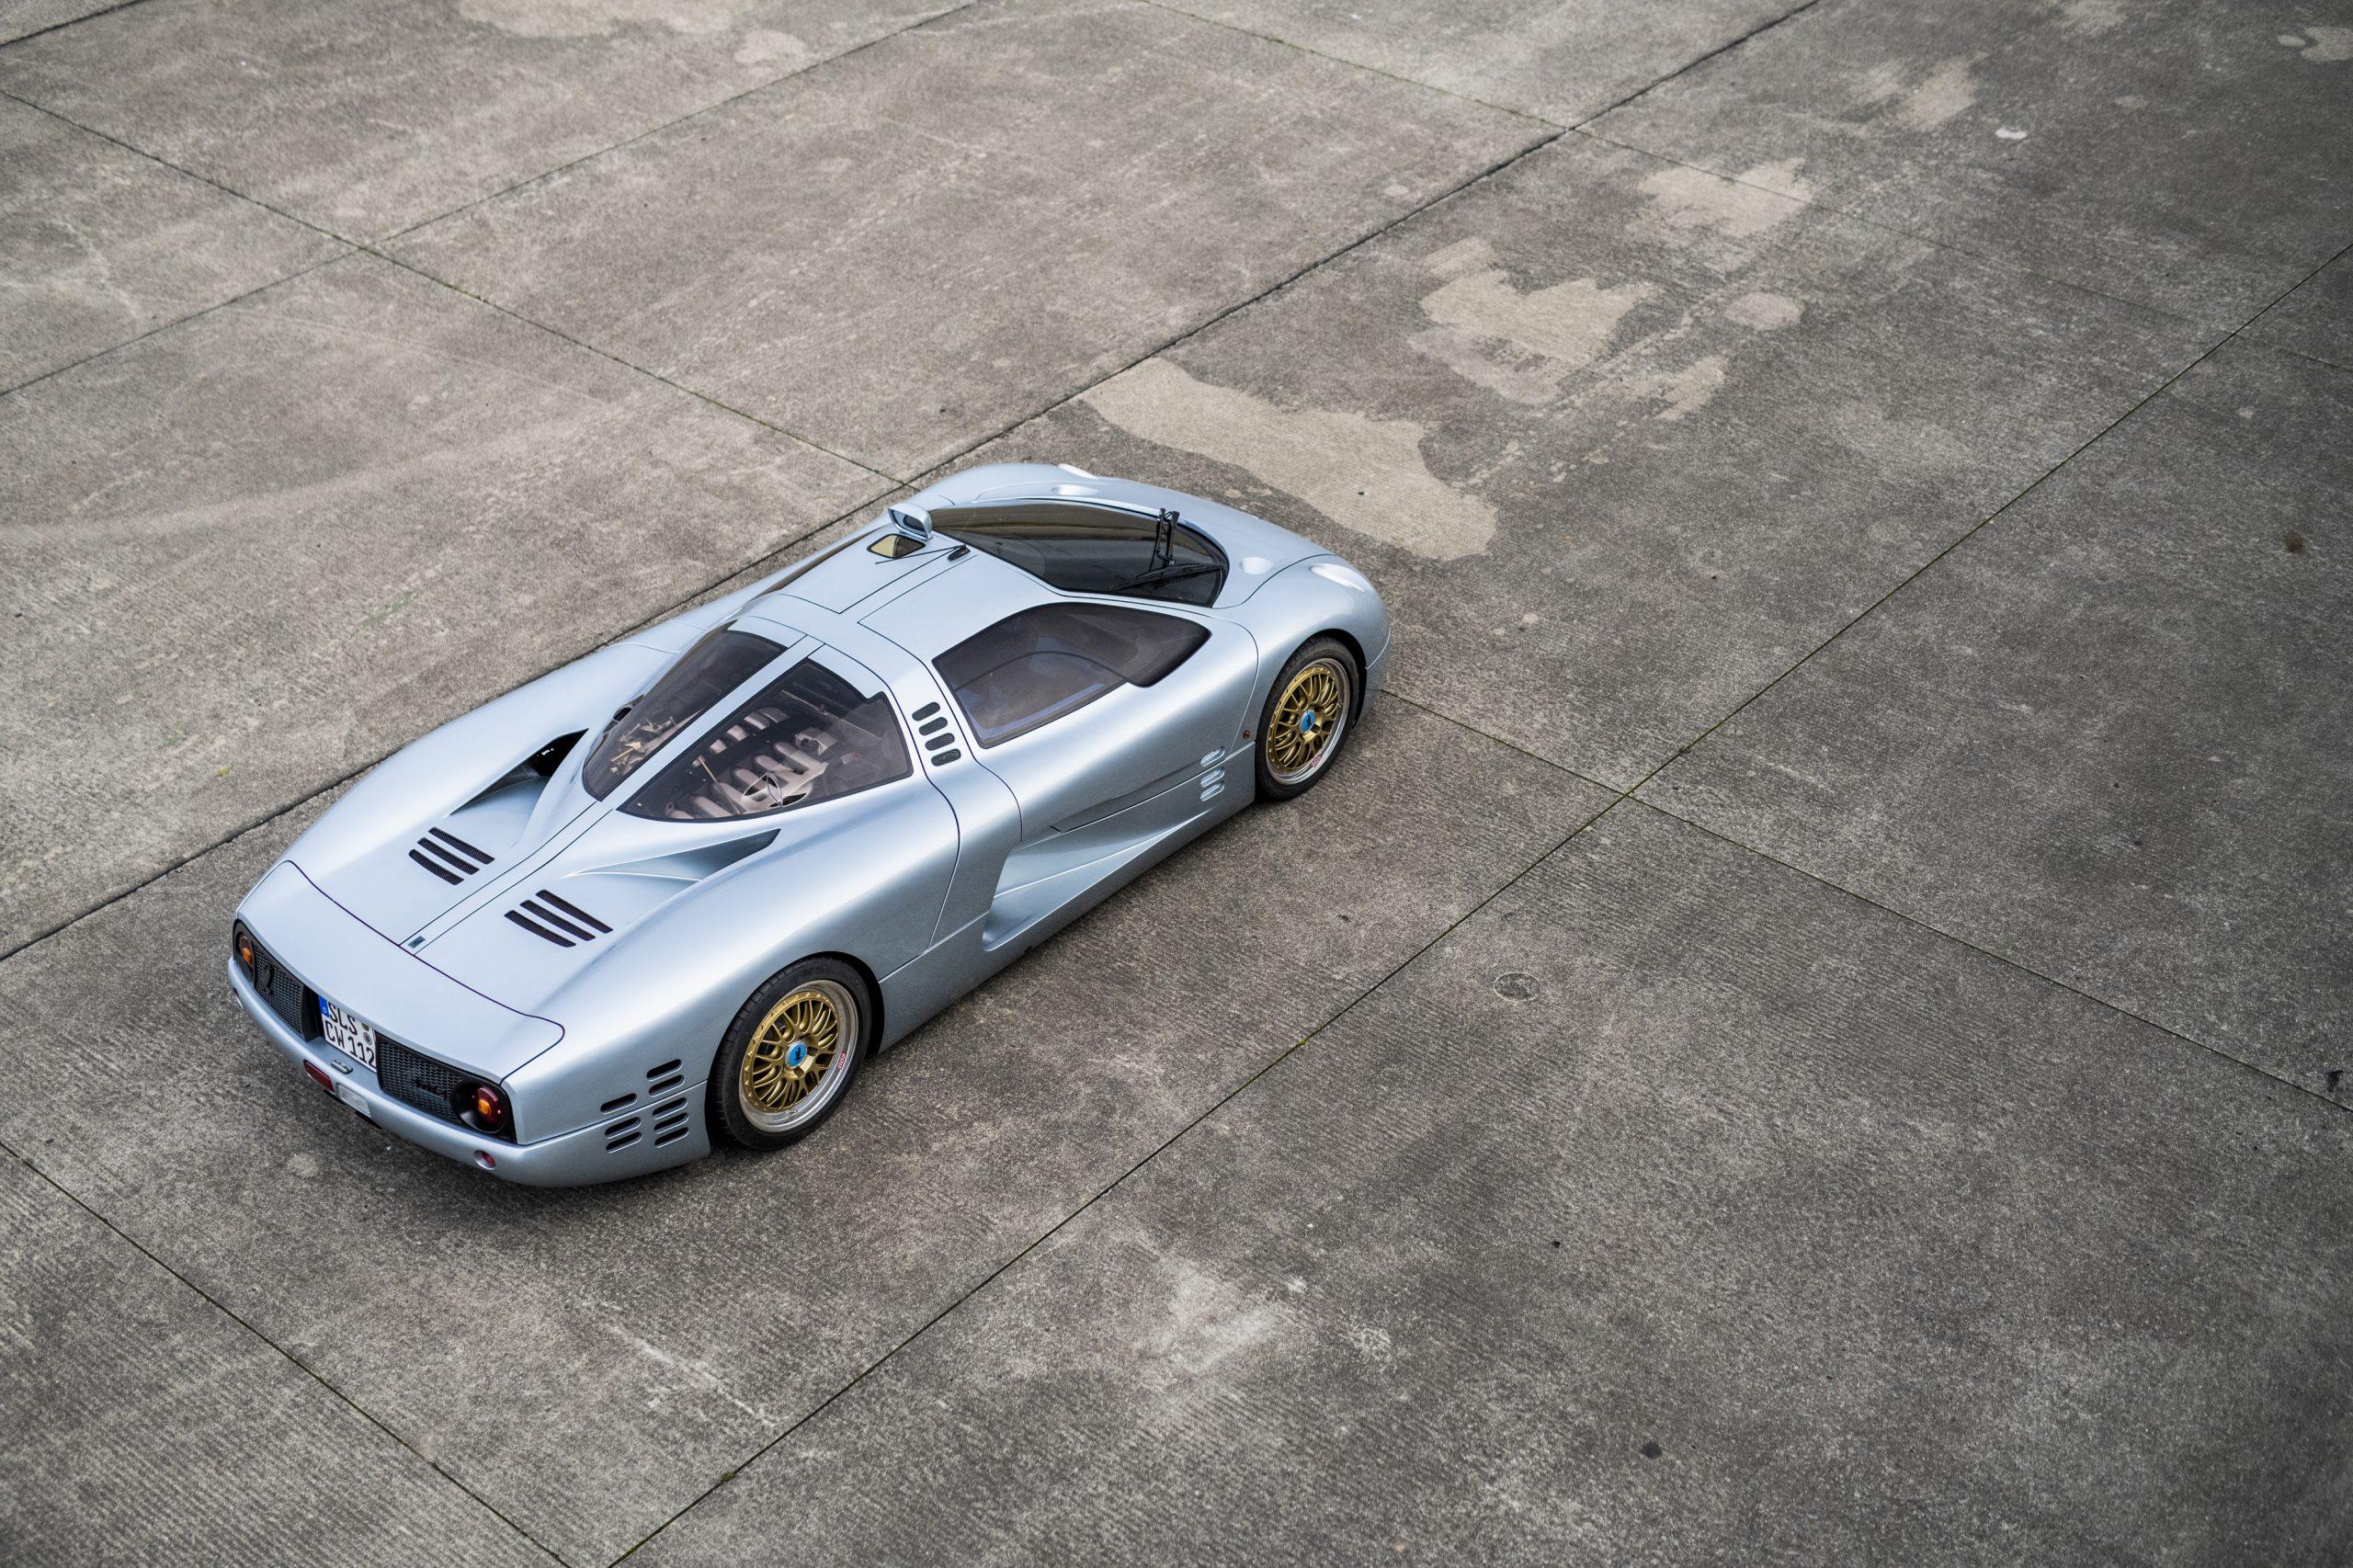 1993 Isdera Commendatore 112i elevated rear three-quarter